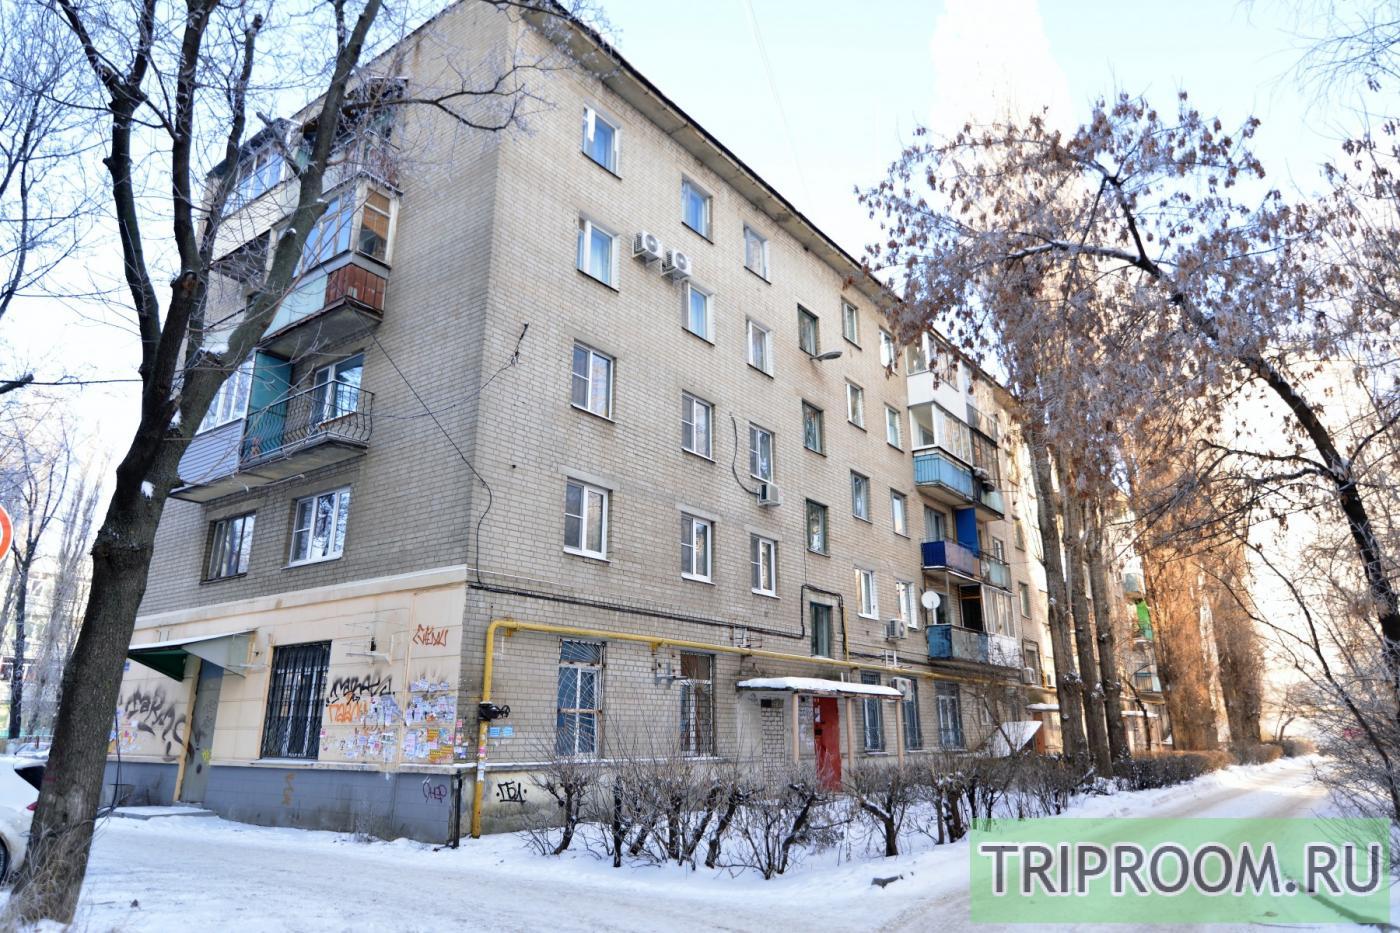 1-комнатная квартира посуточно (вариант № 2140), ул. Фридриха Энгельса улица, фото № 12